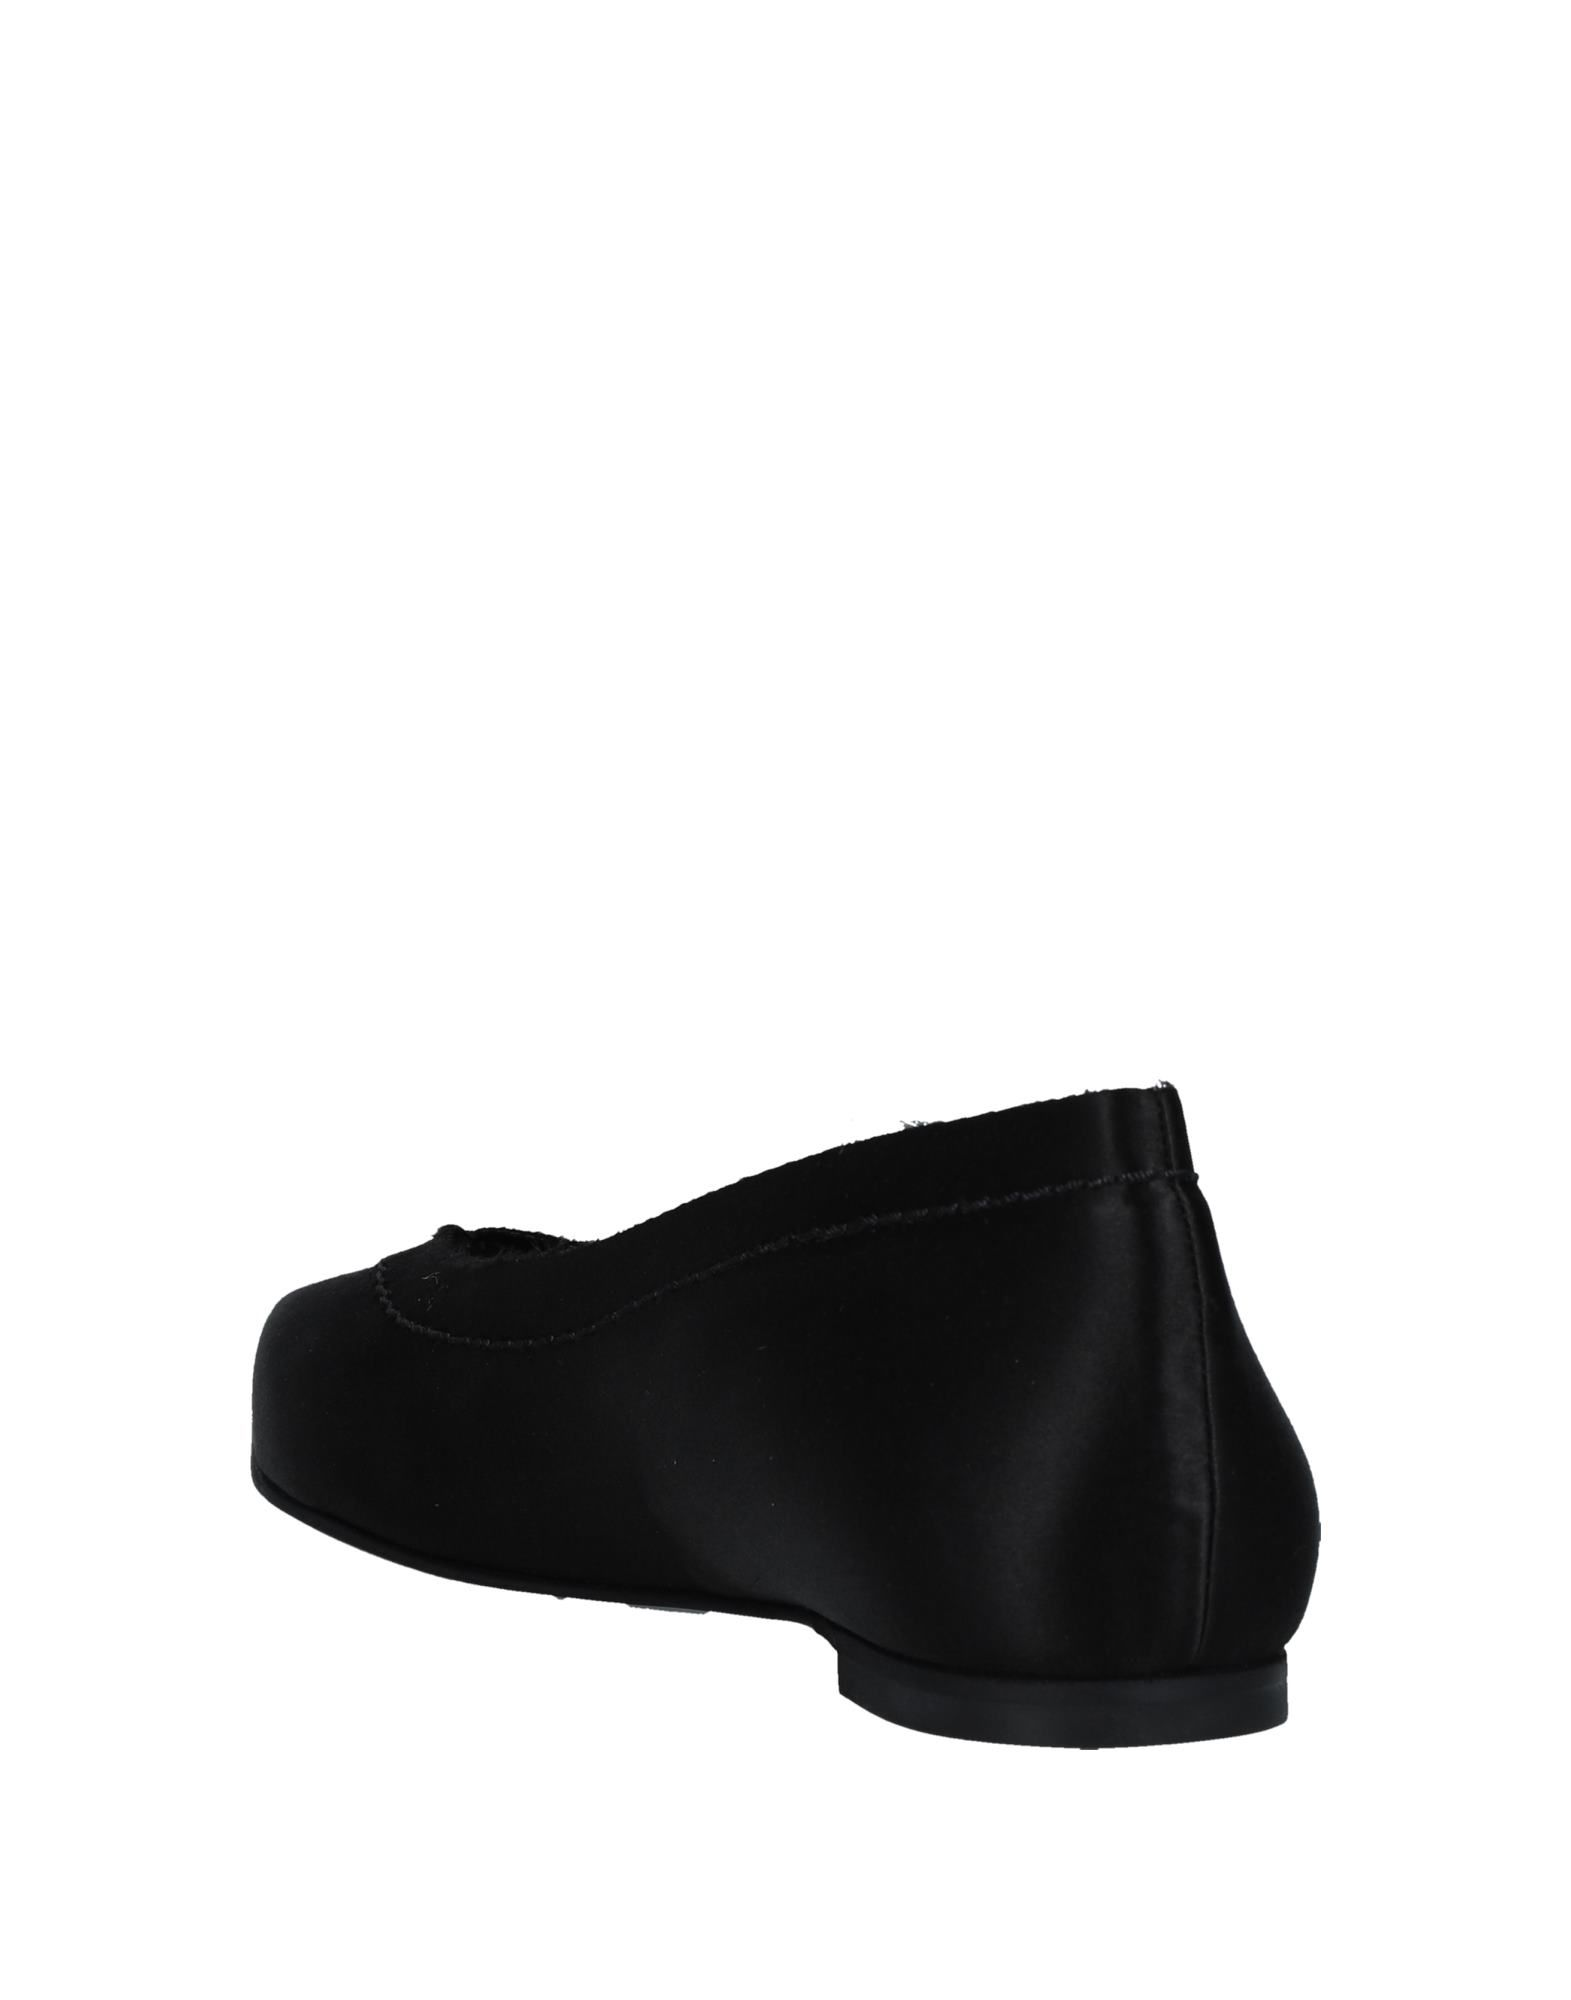 Pedro García Ballerinas Damen  11526858JHGut aussehende strapazierfähige Schuhe